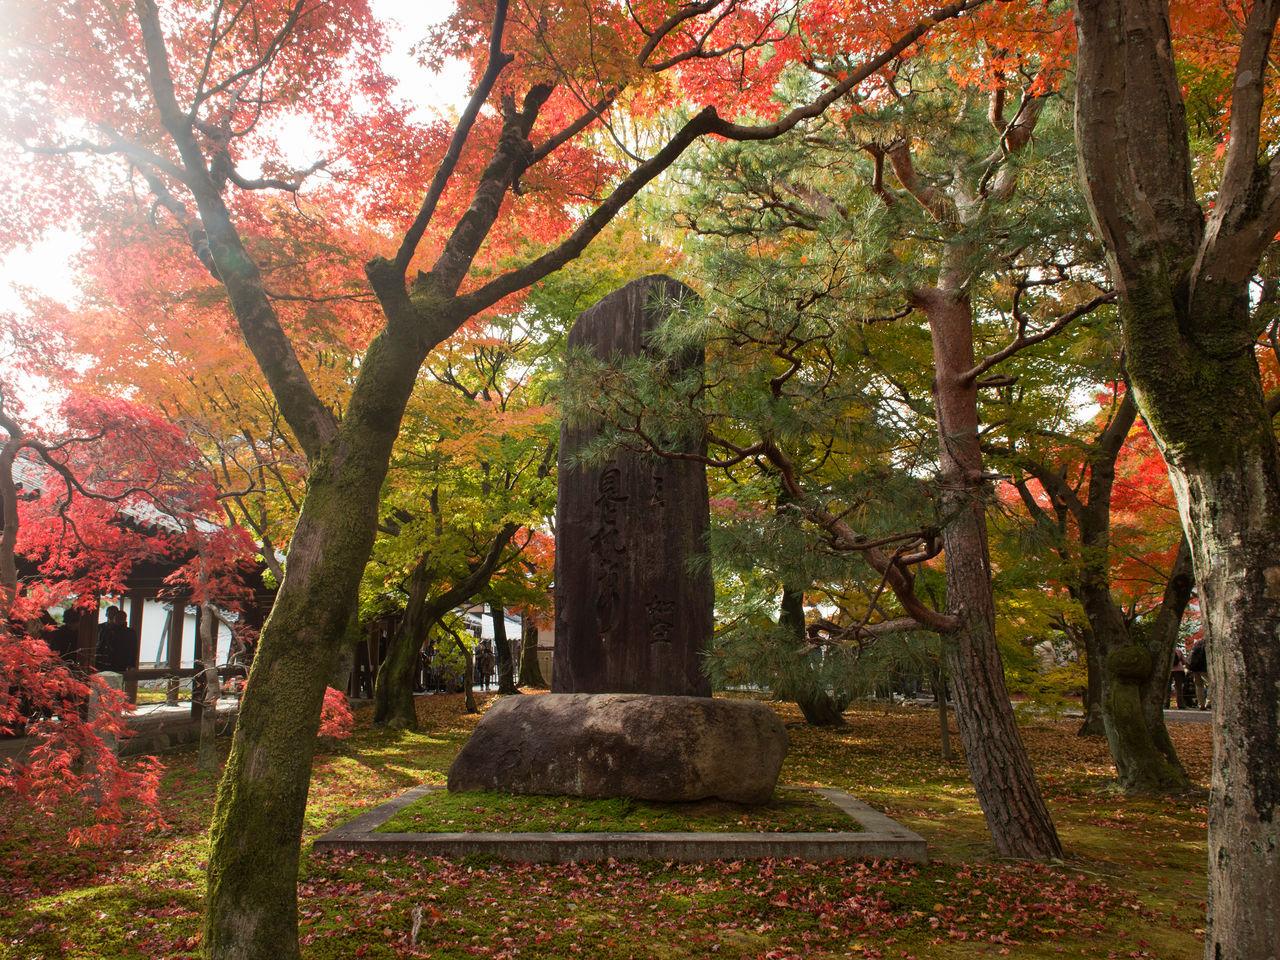 Деревья вокруг стелы, на которой написано стихотворение, приписываемое знаменитому монаху Нёку: «Приезжая в Цутен, я вижу блеск луны и замираю»